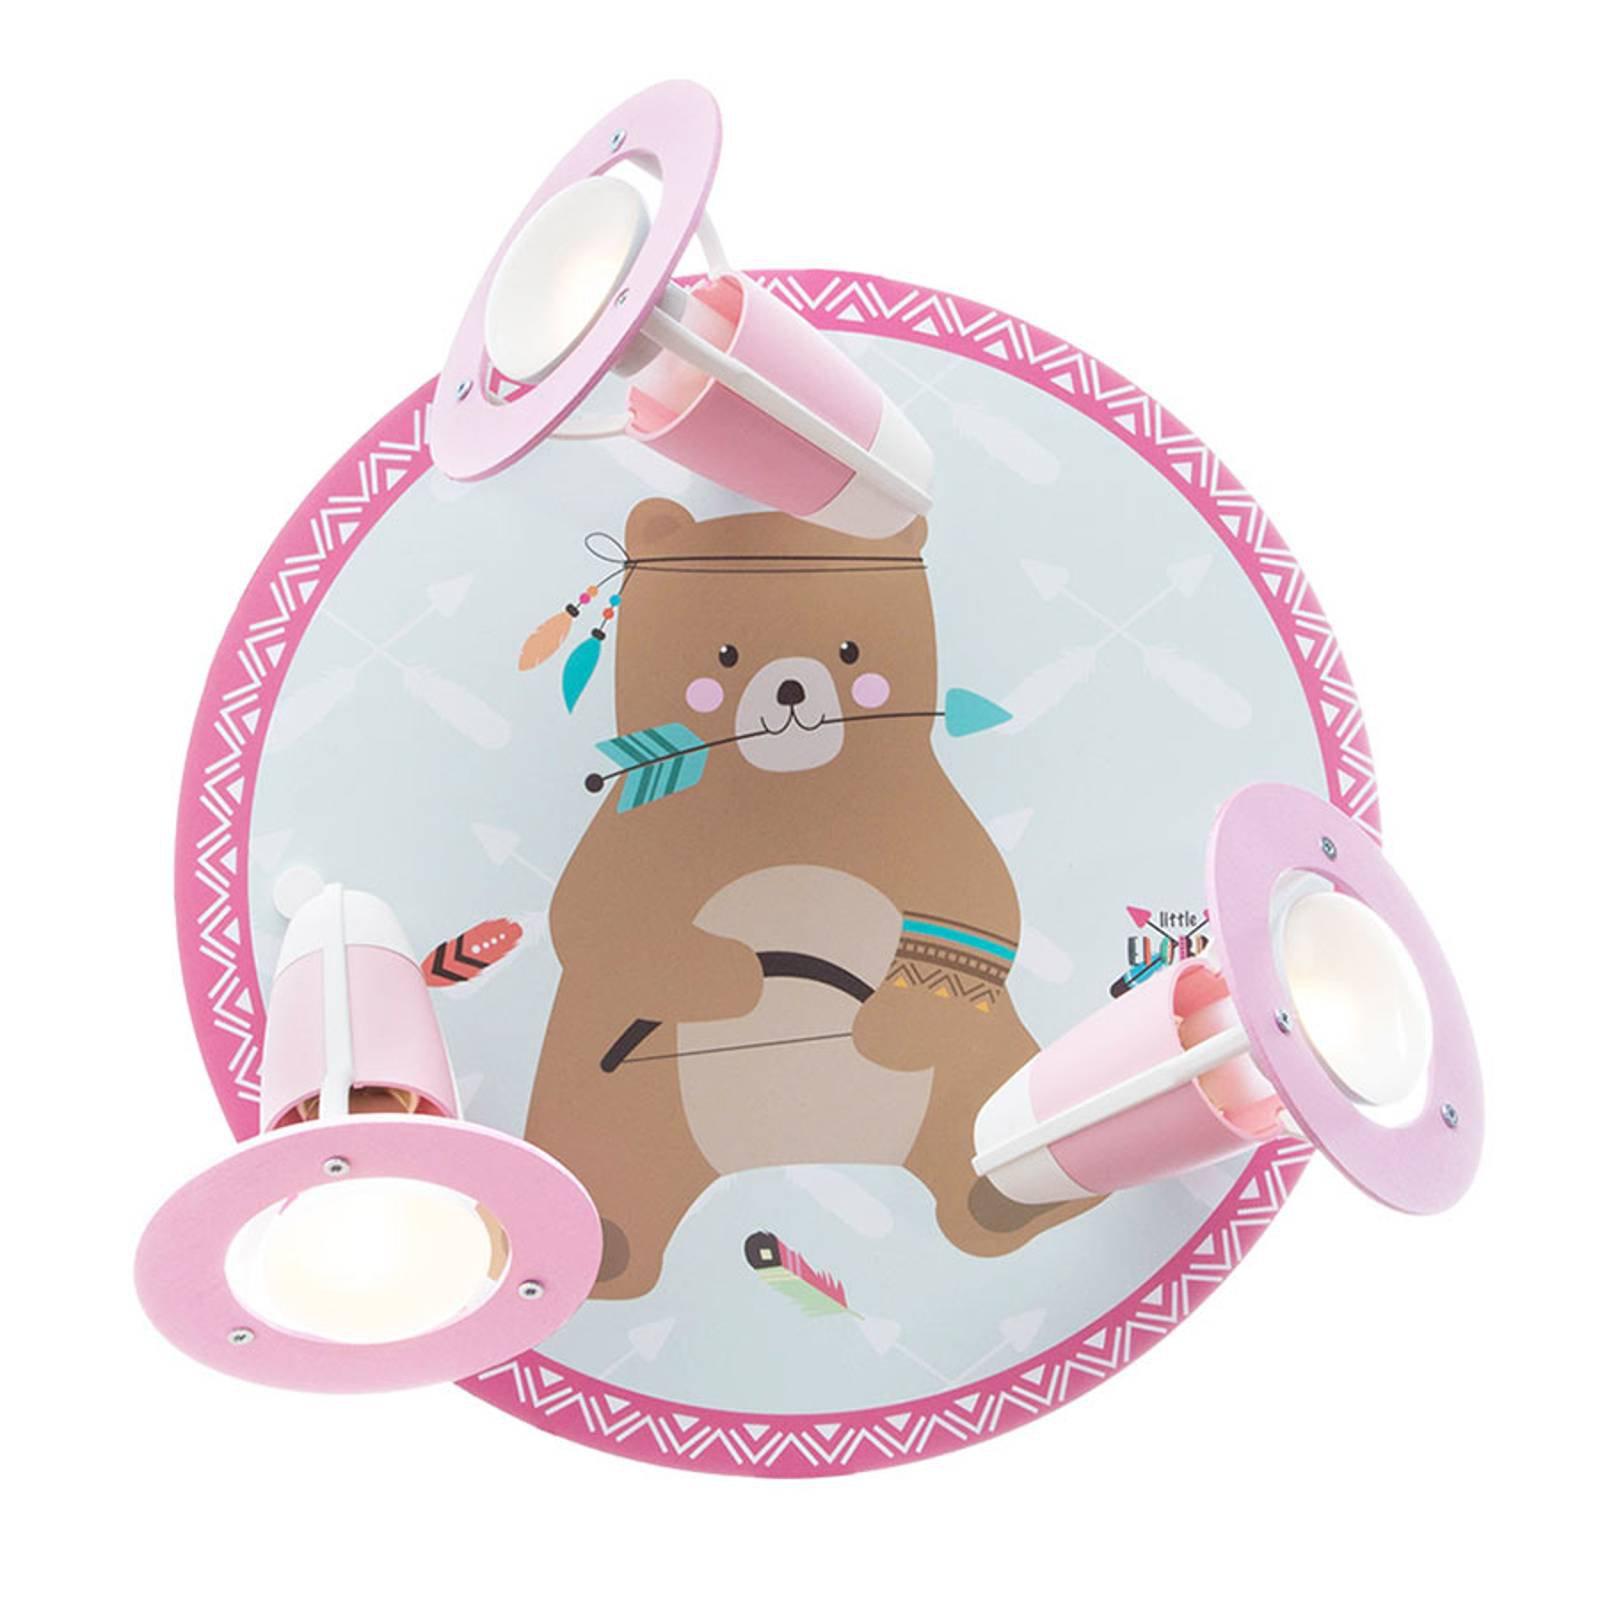 Taklampe Little Indians, Bamse Bjørn, mint og rosa